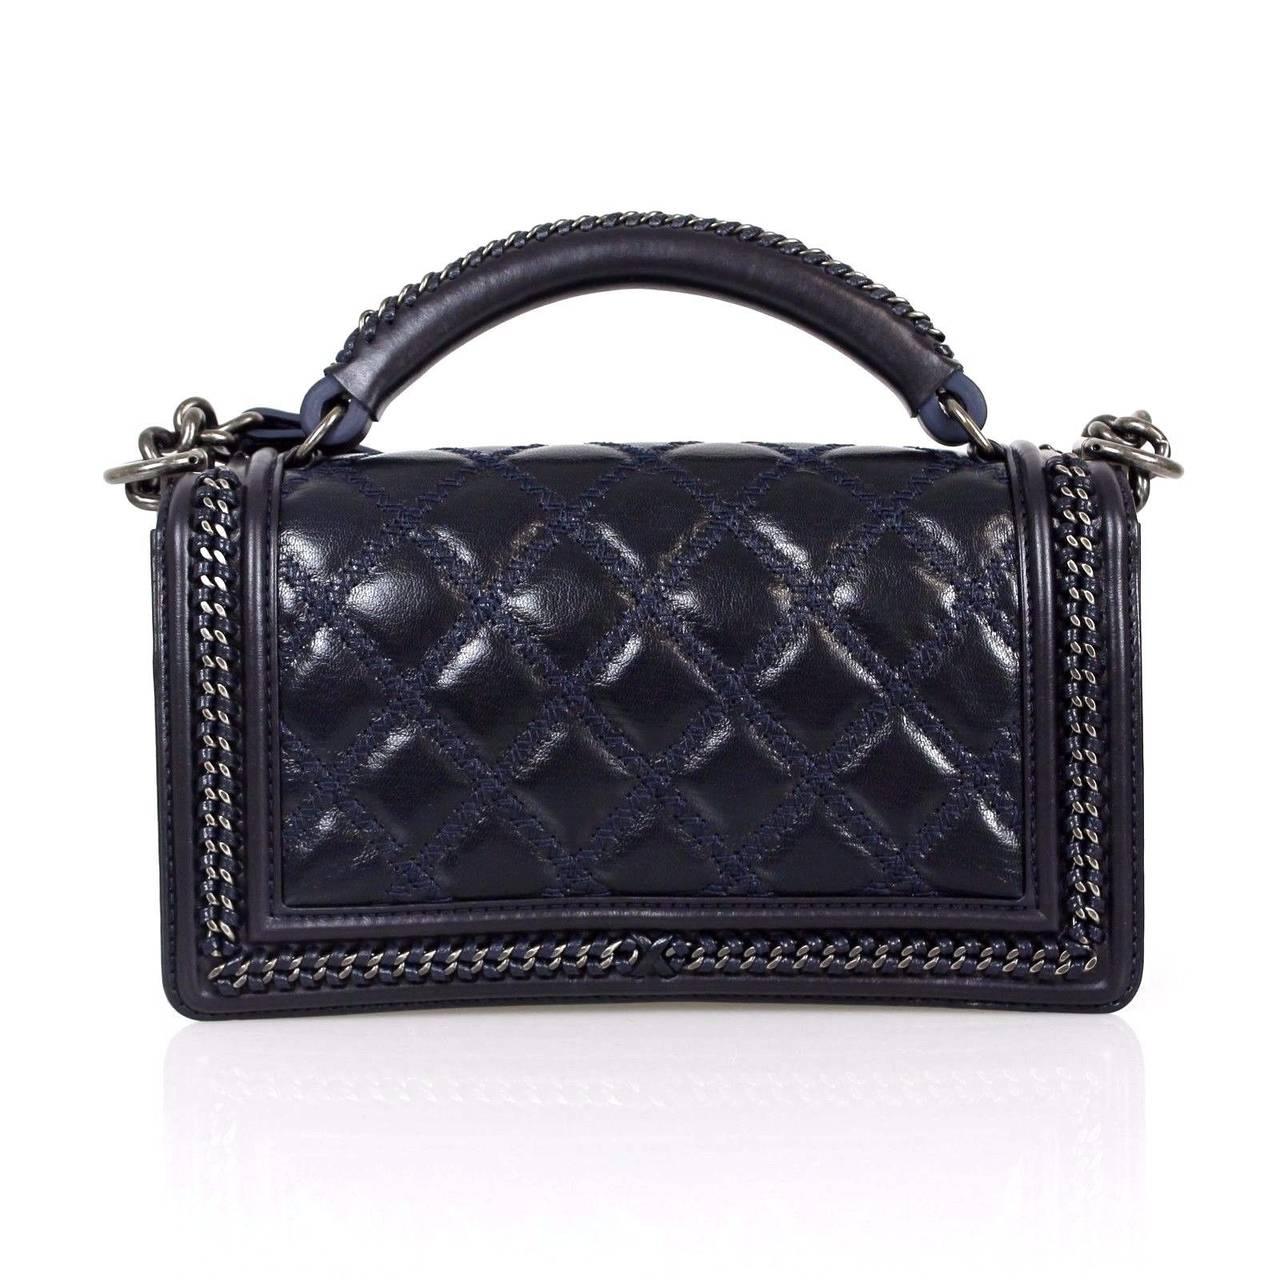 Chanel Boy Flap Shoulder Bag Price 21